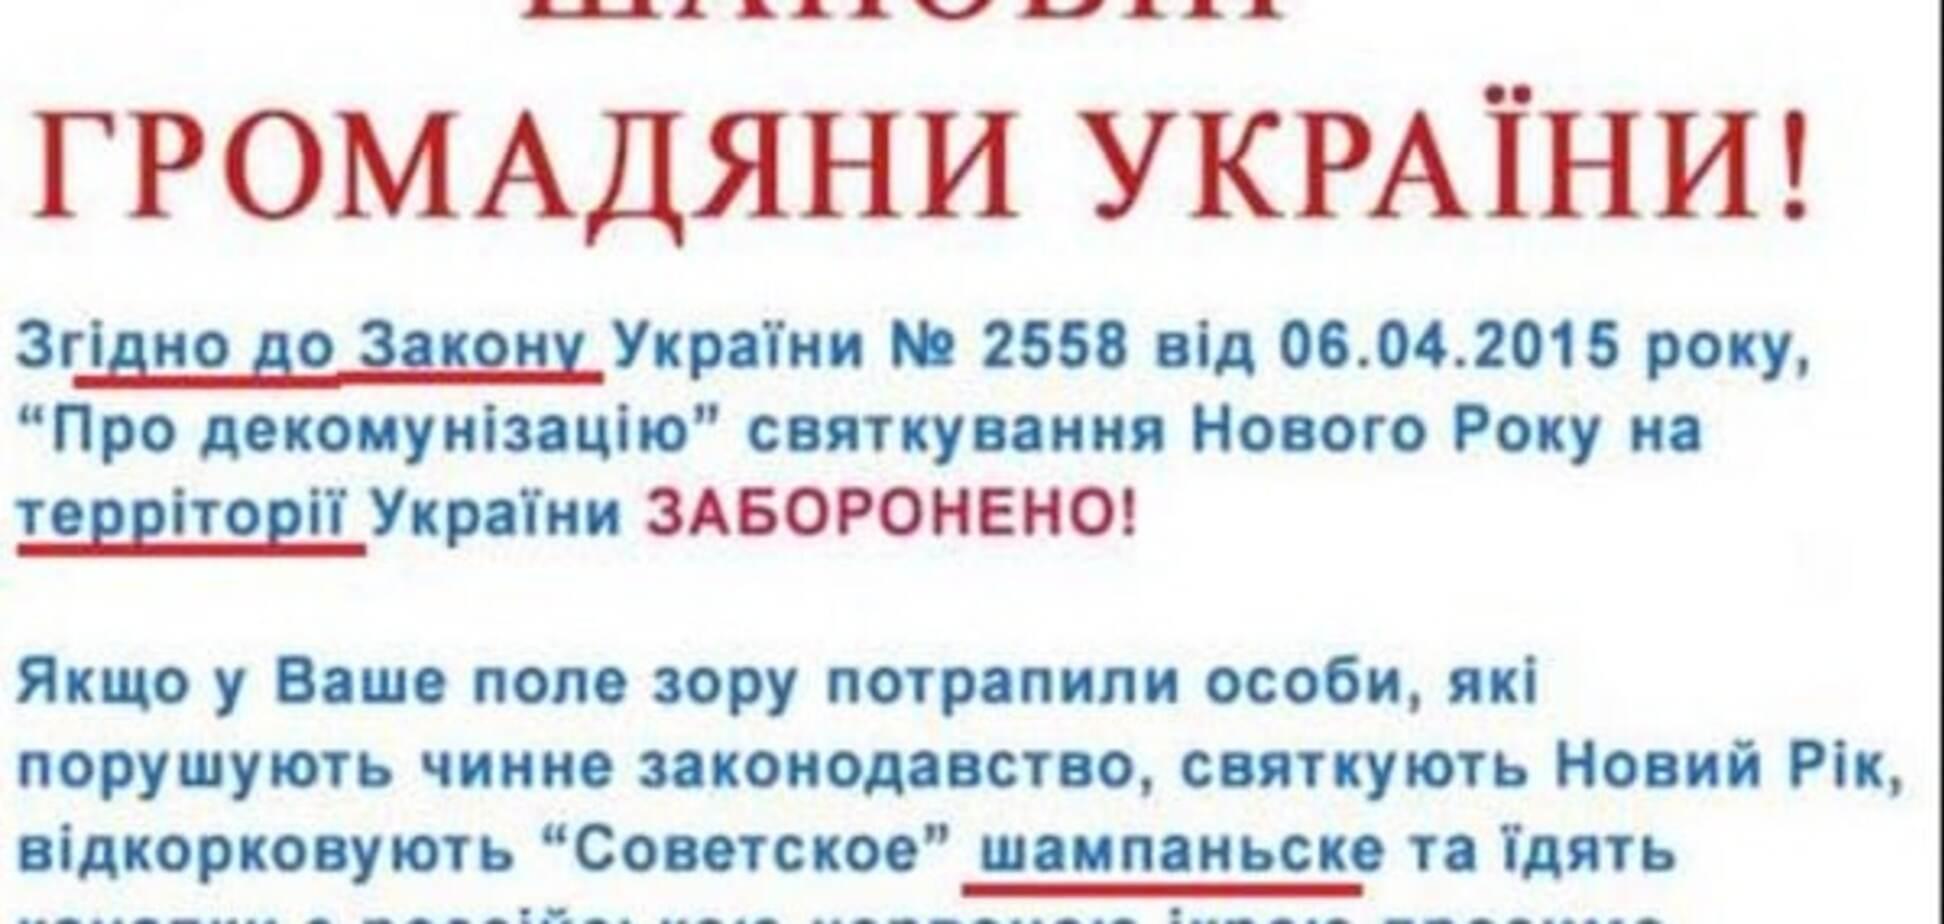 У мережі запустили фейк про заборону святкування Нового року в Україні